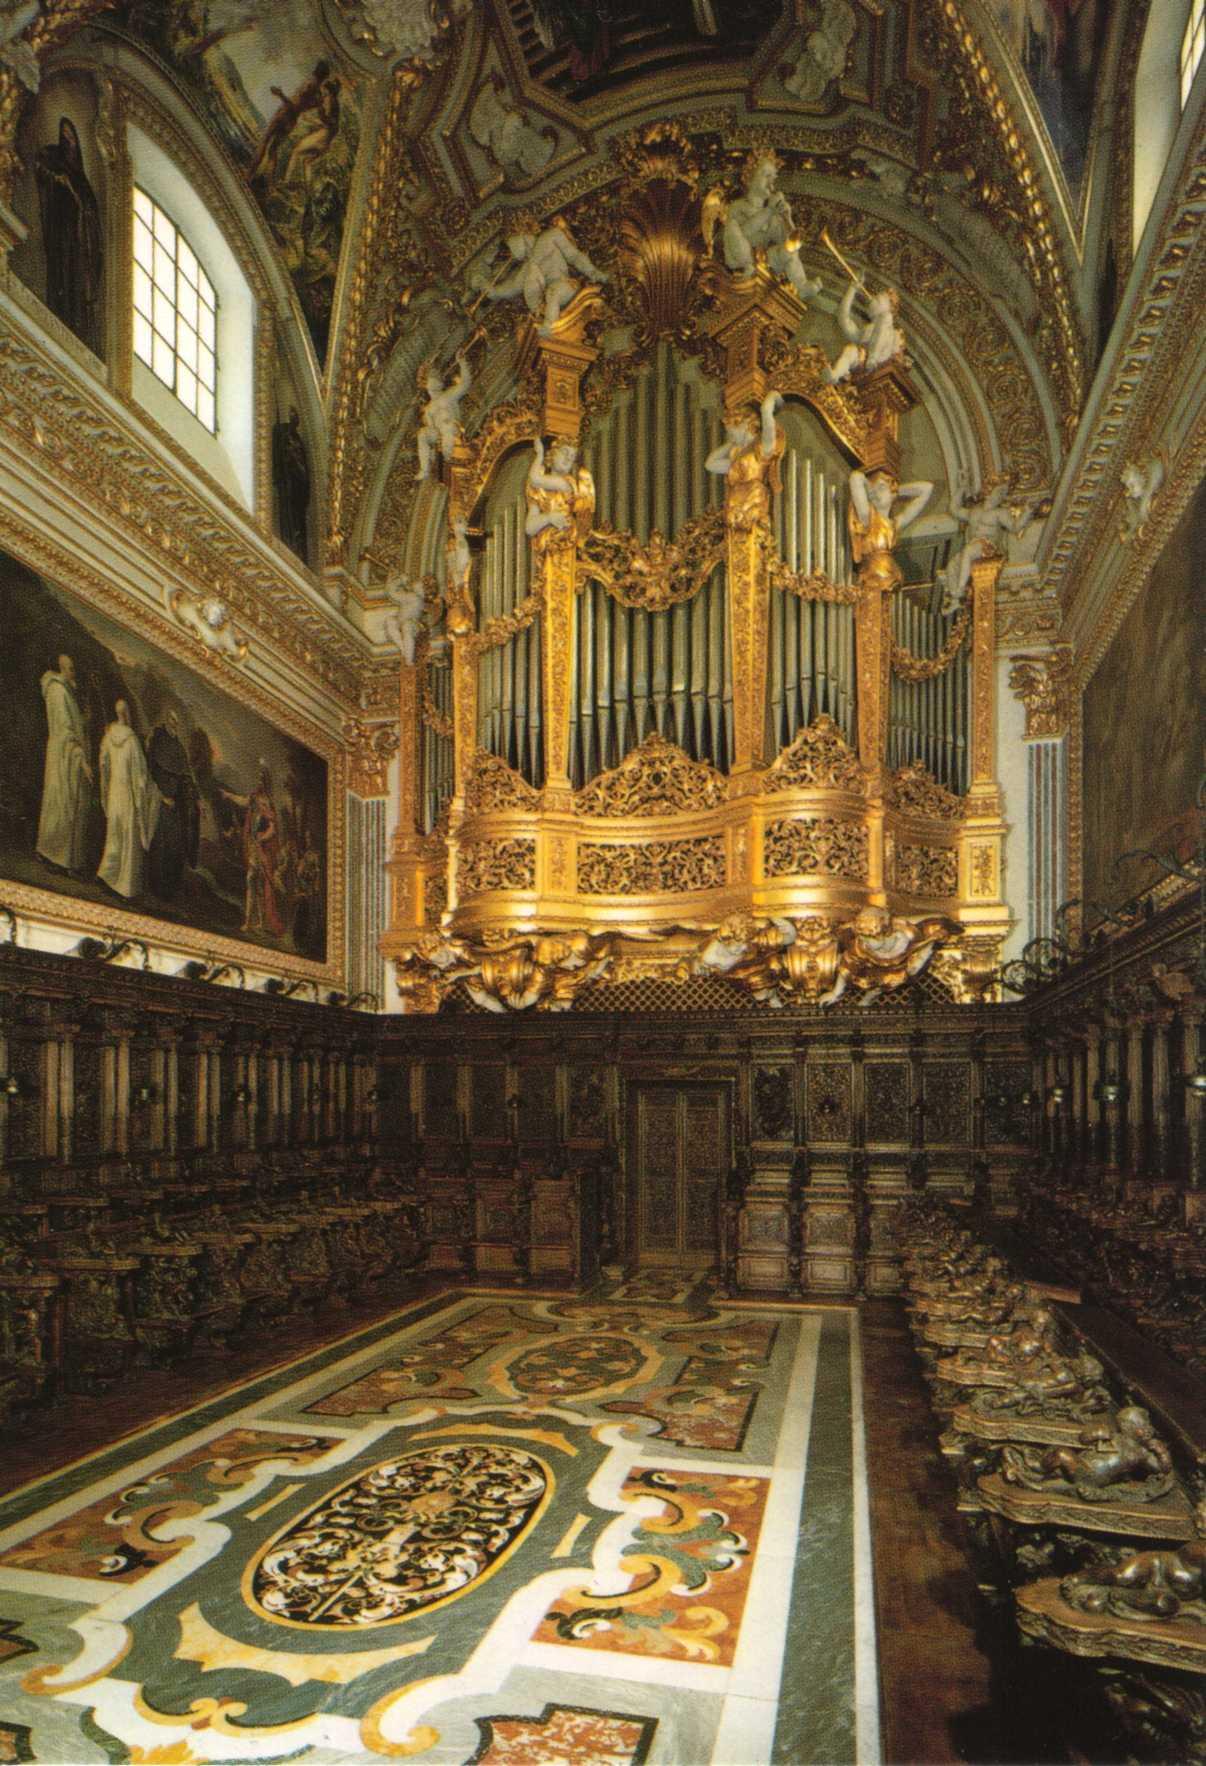 abbazia-di-montecassino-secret-world